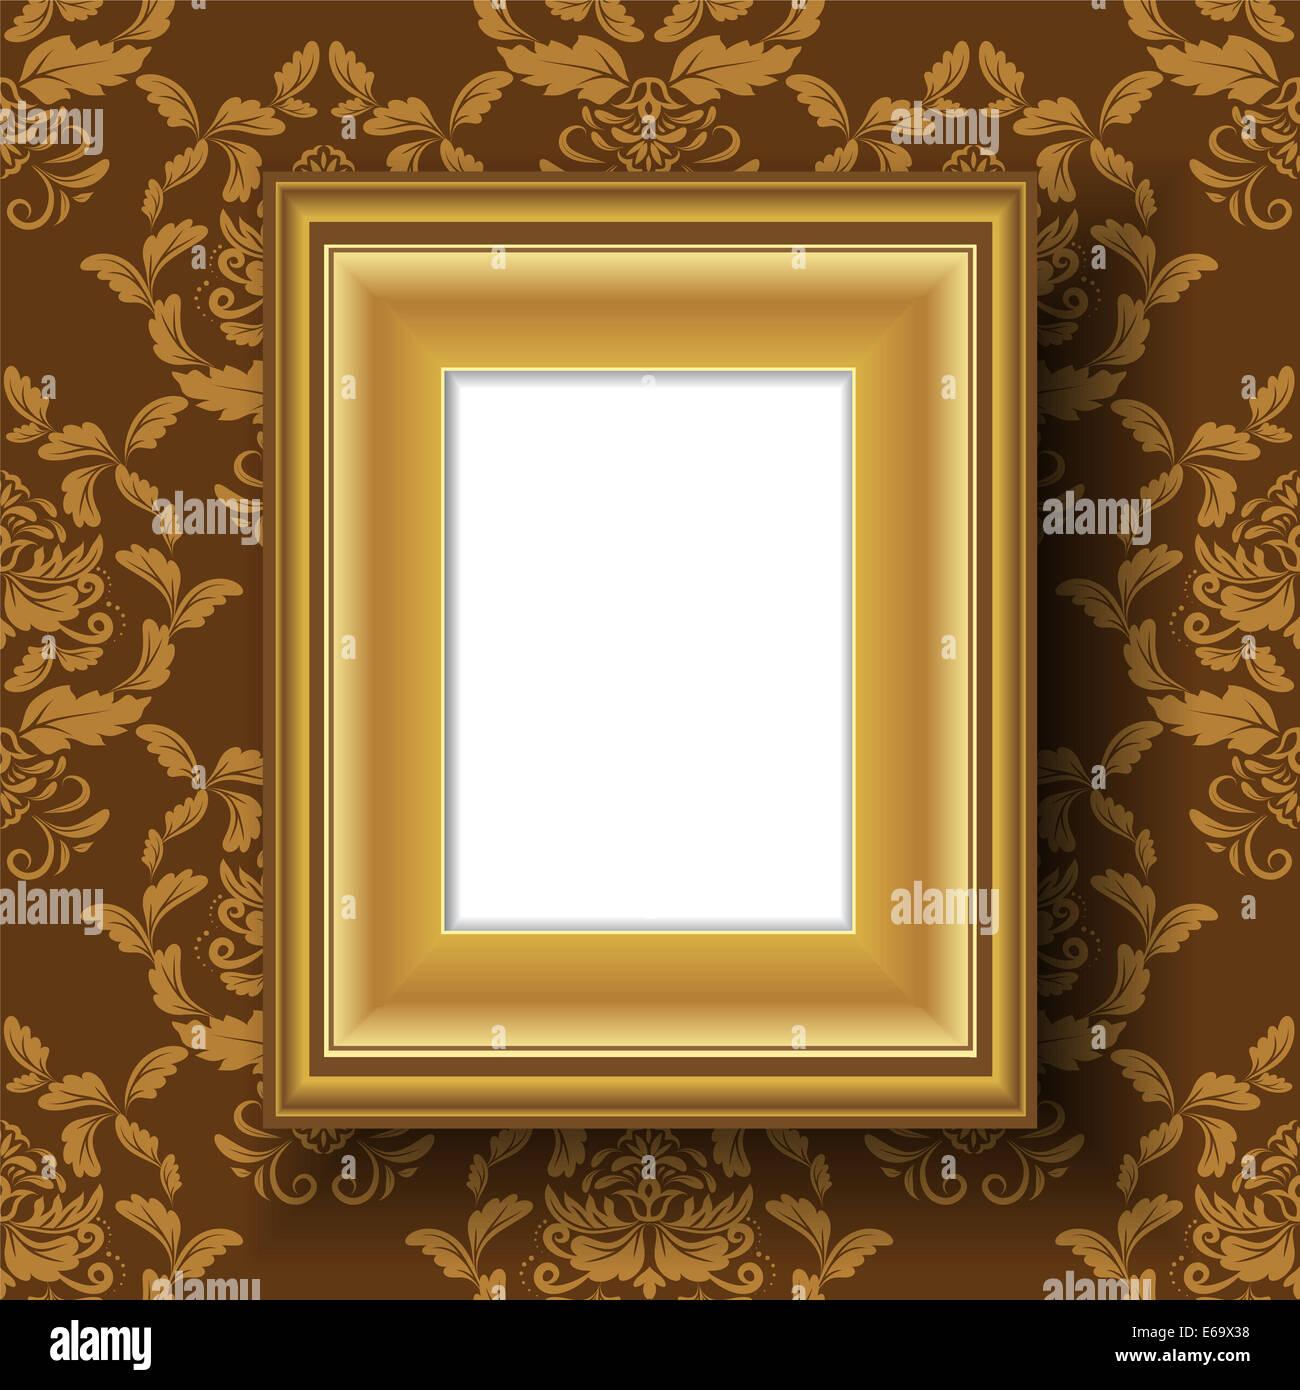 Plaster Gold Stockfotos & Plaster Gold Bilder - Seite 3 - Alamy